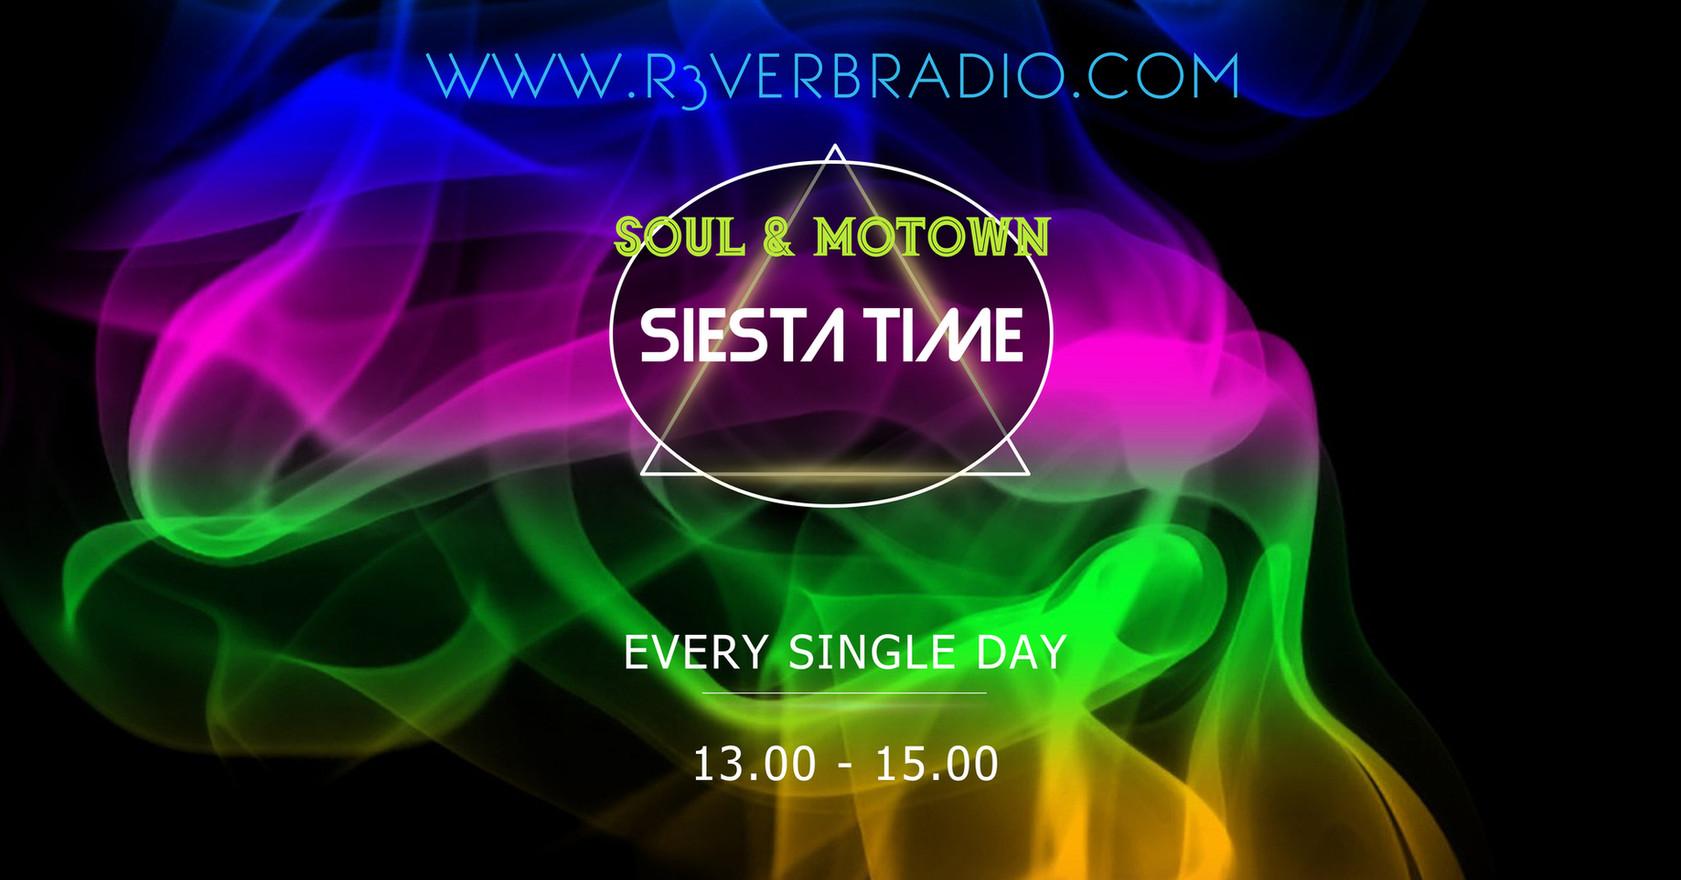 r3verb-siesta-show.jpg